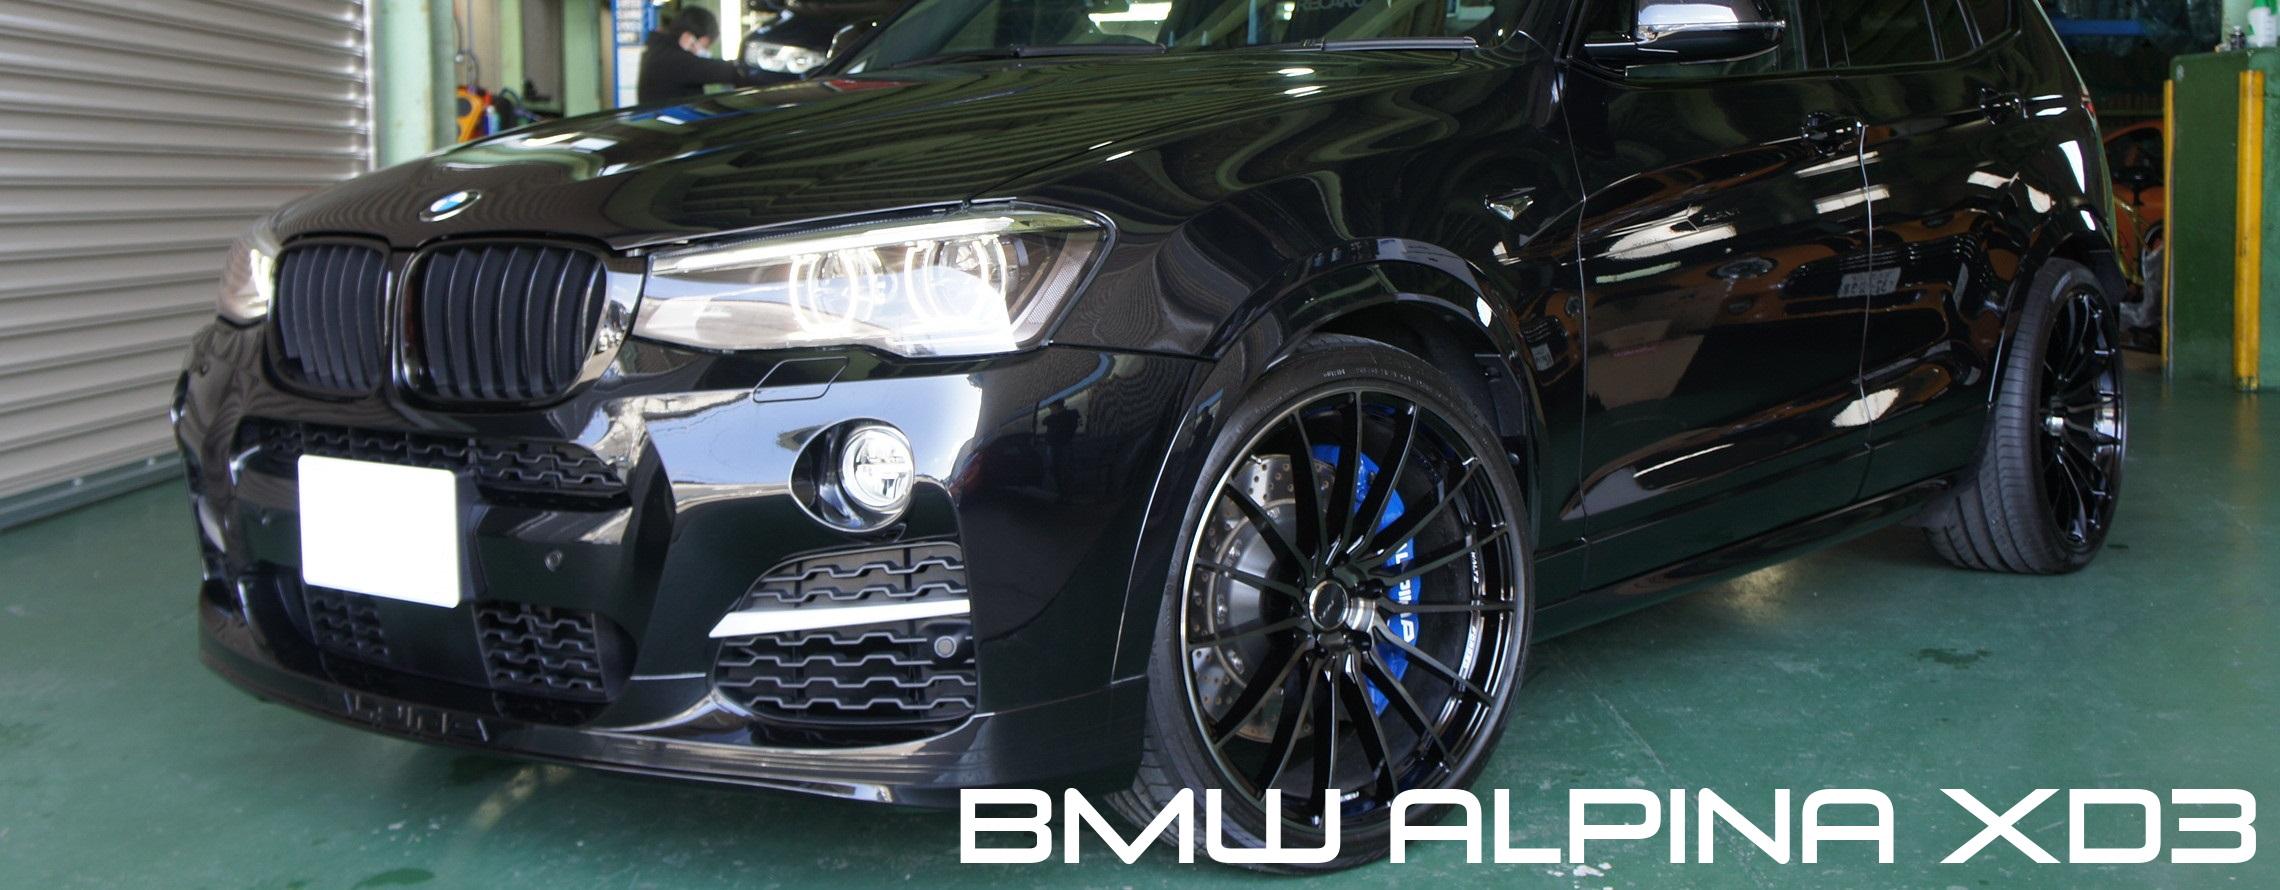 BMW ALPINA XD3